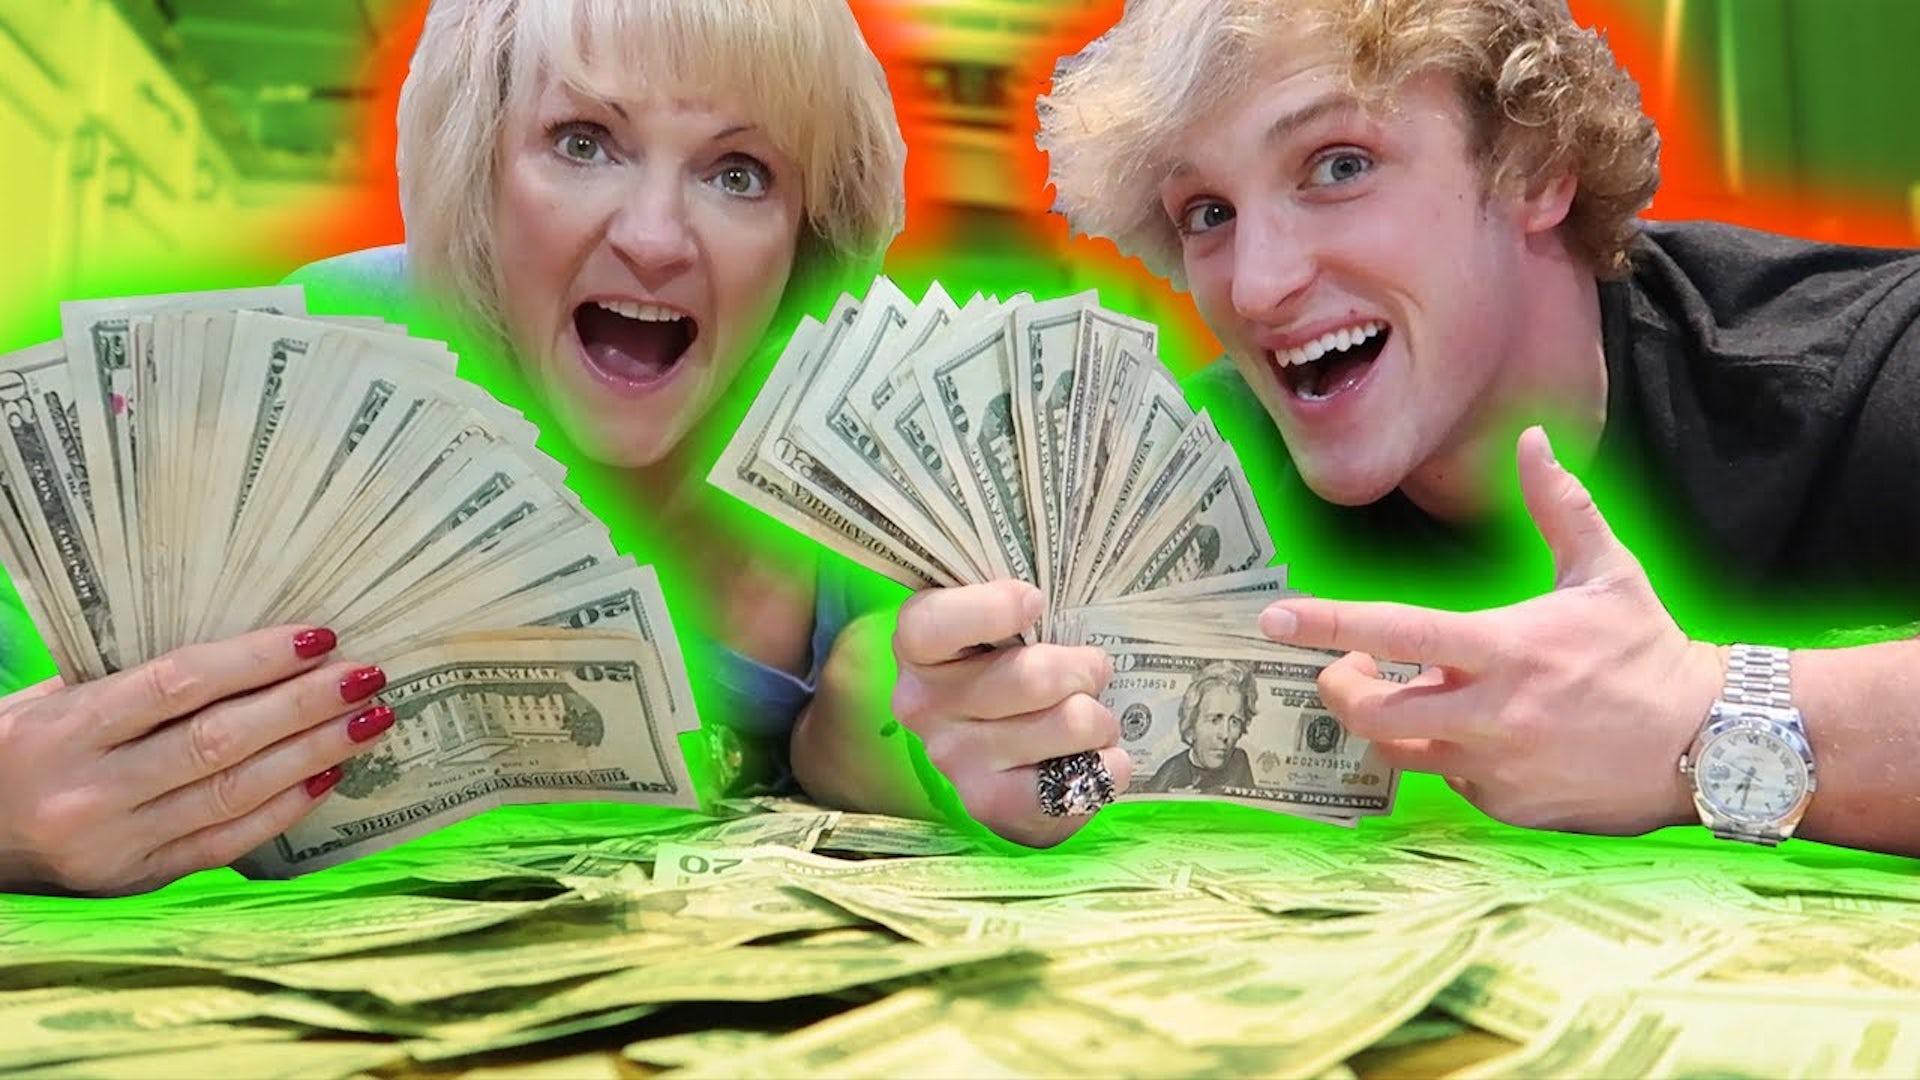 Teen gets money